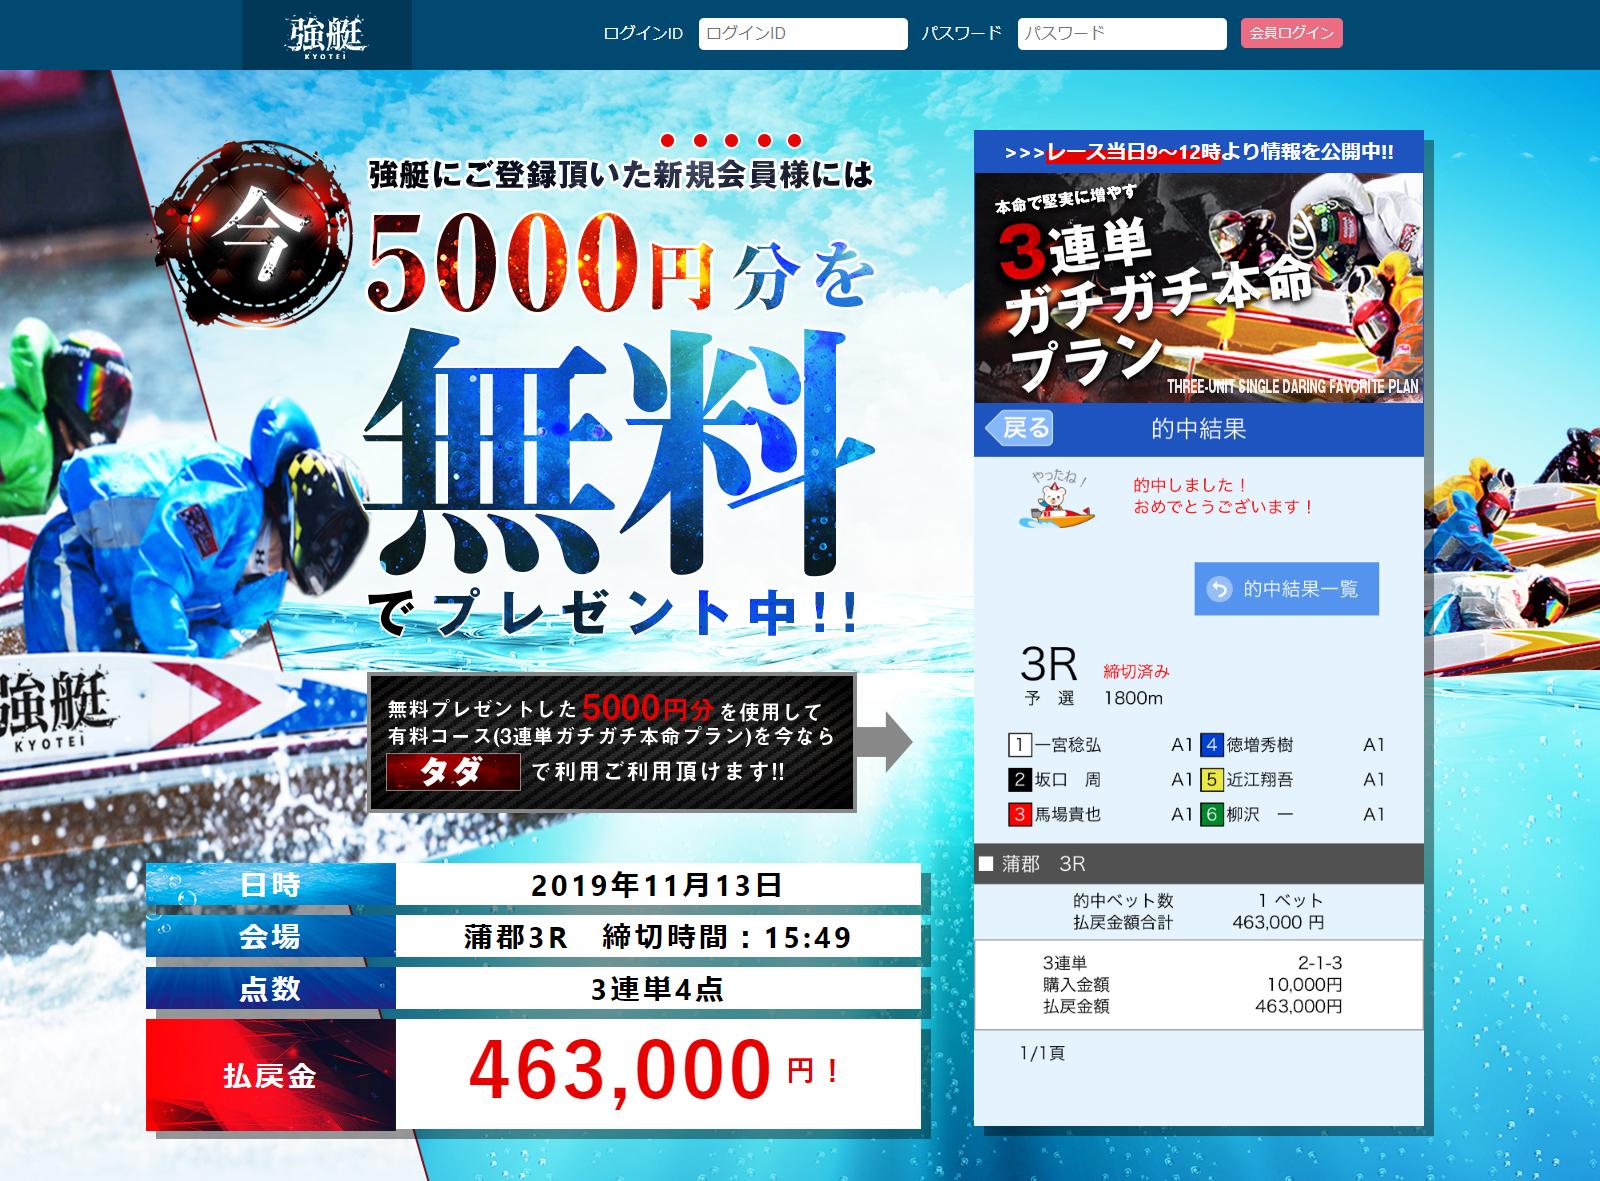 悪徳 強艇-KYOTEI-(きょうてい) 競艇予想サイトの口コミ検証や無料情報の予想結果も公開中 非会員トップ